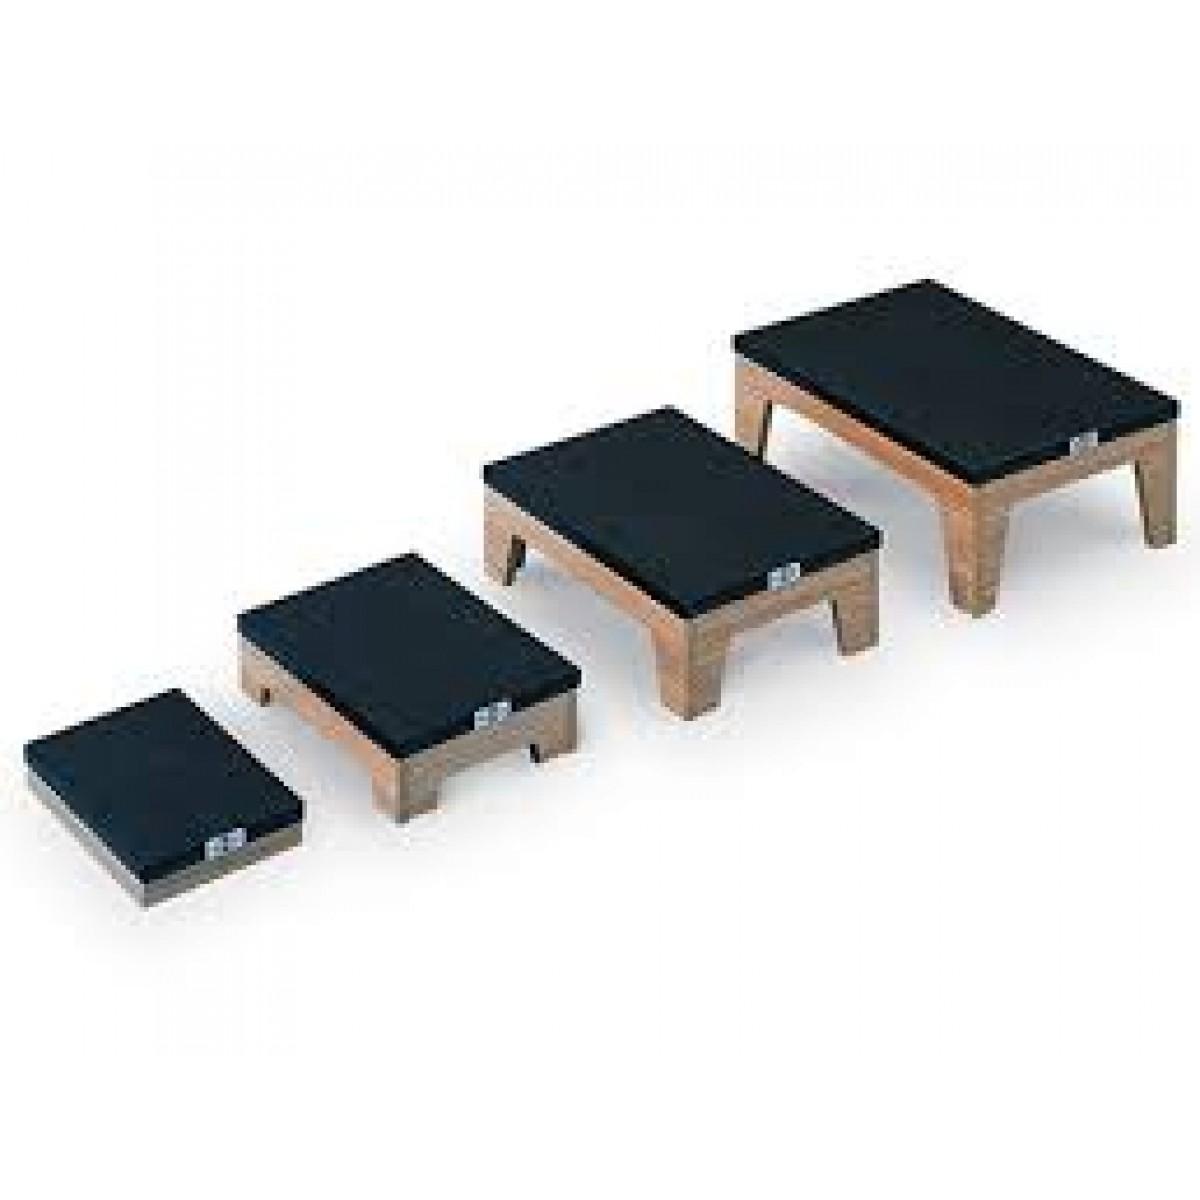 Hausmann 2410 Nested Footstools